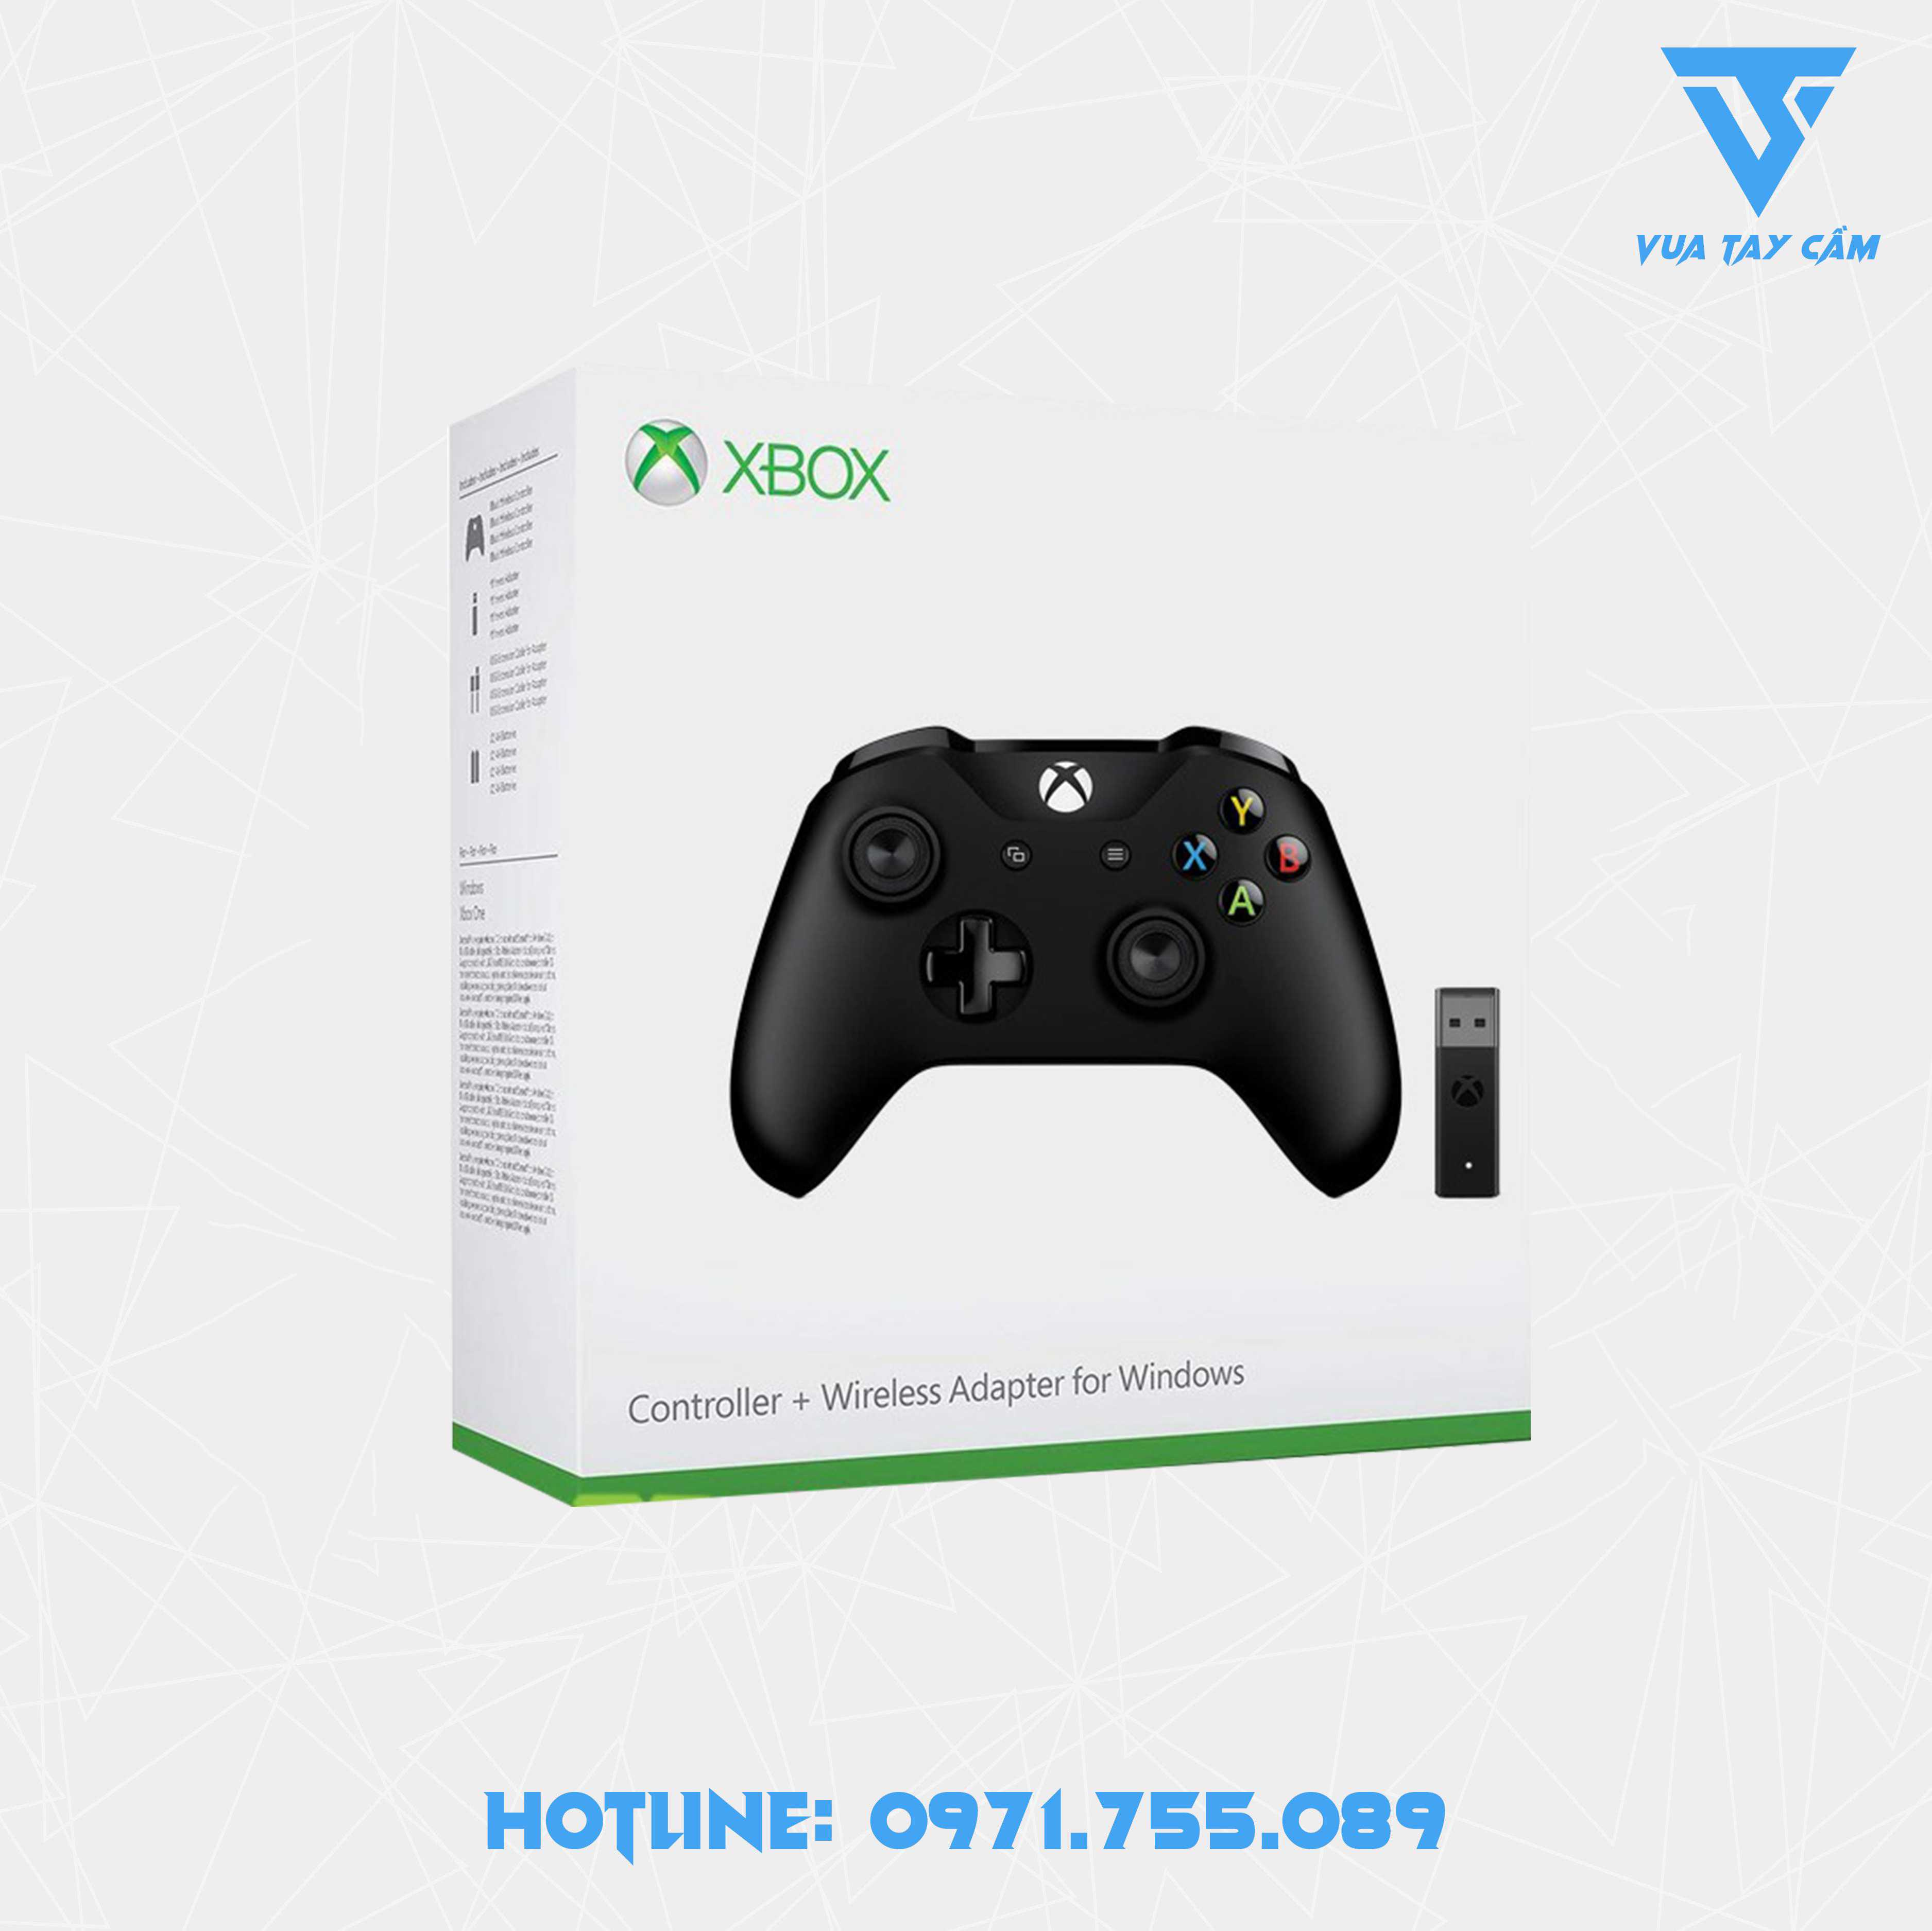 https://api.vuataycam.com/file/1603307115061-256861224-one-s-receiver-hop-vtc-compressed.jpg